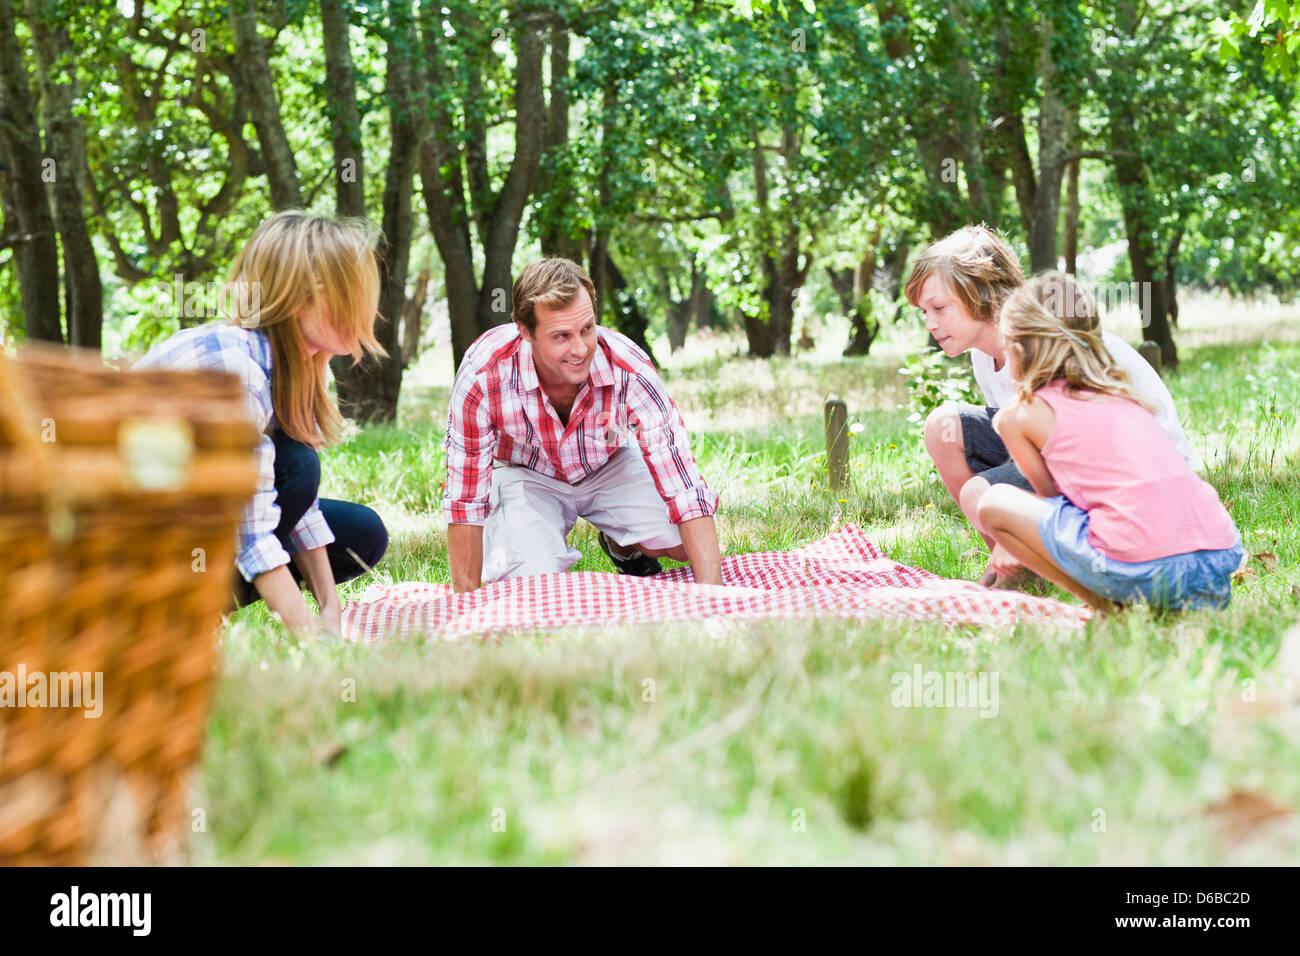 Familia con picnic en el parque Imagen De Stock